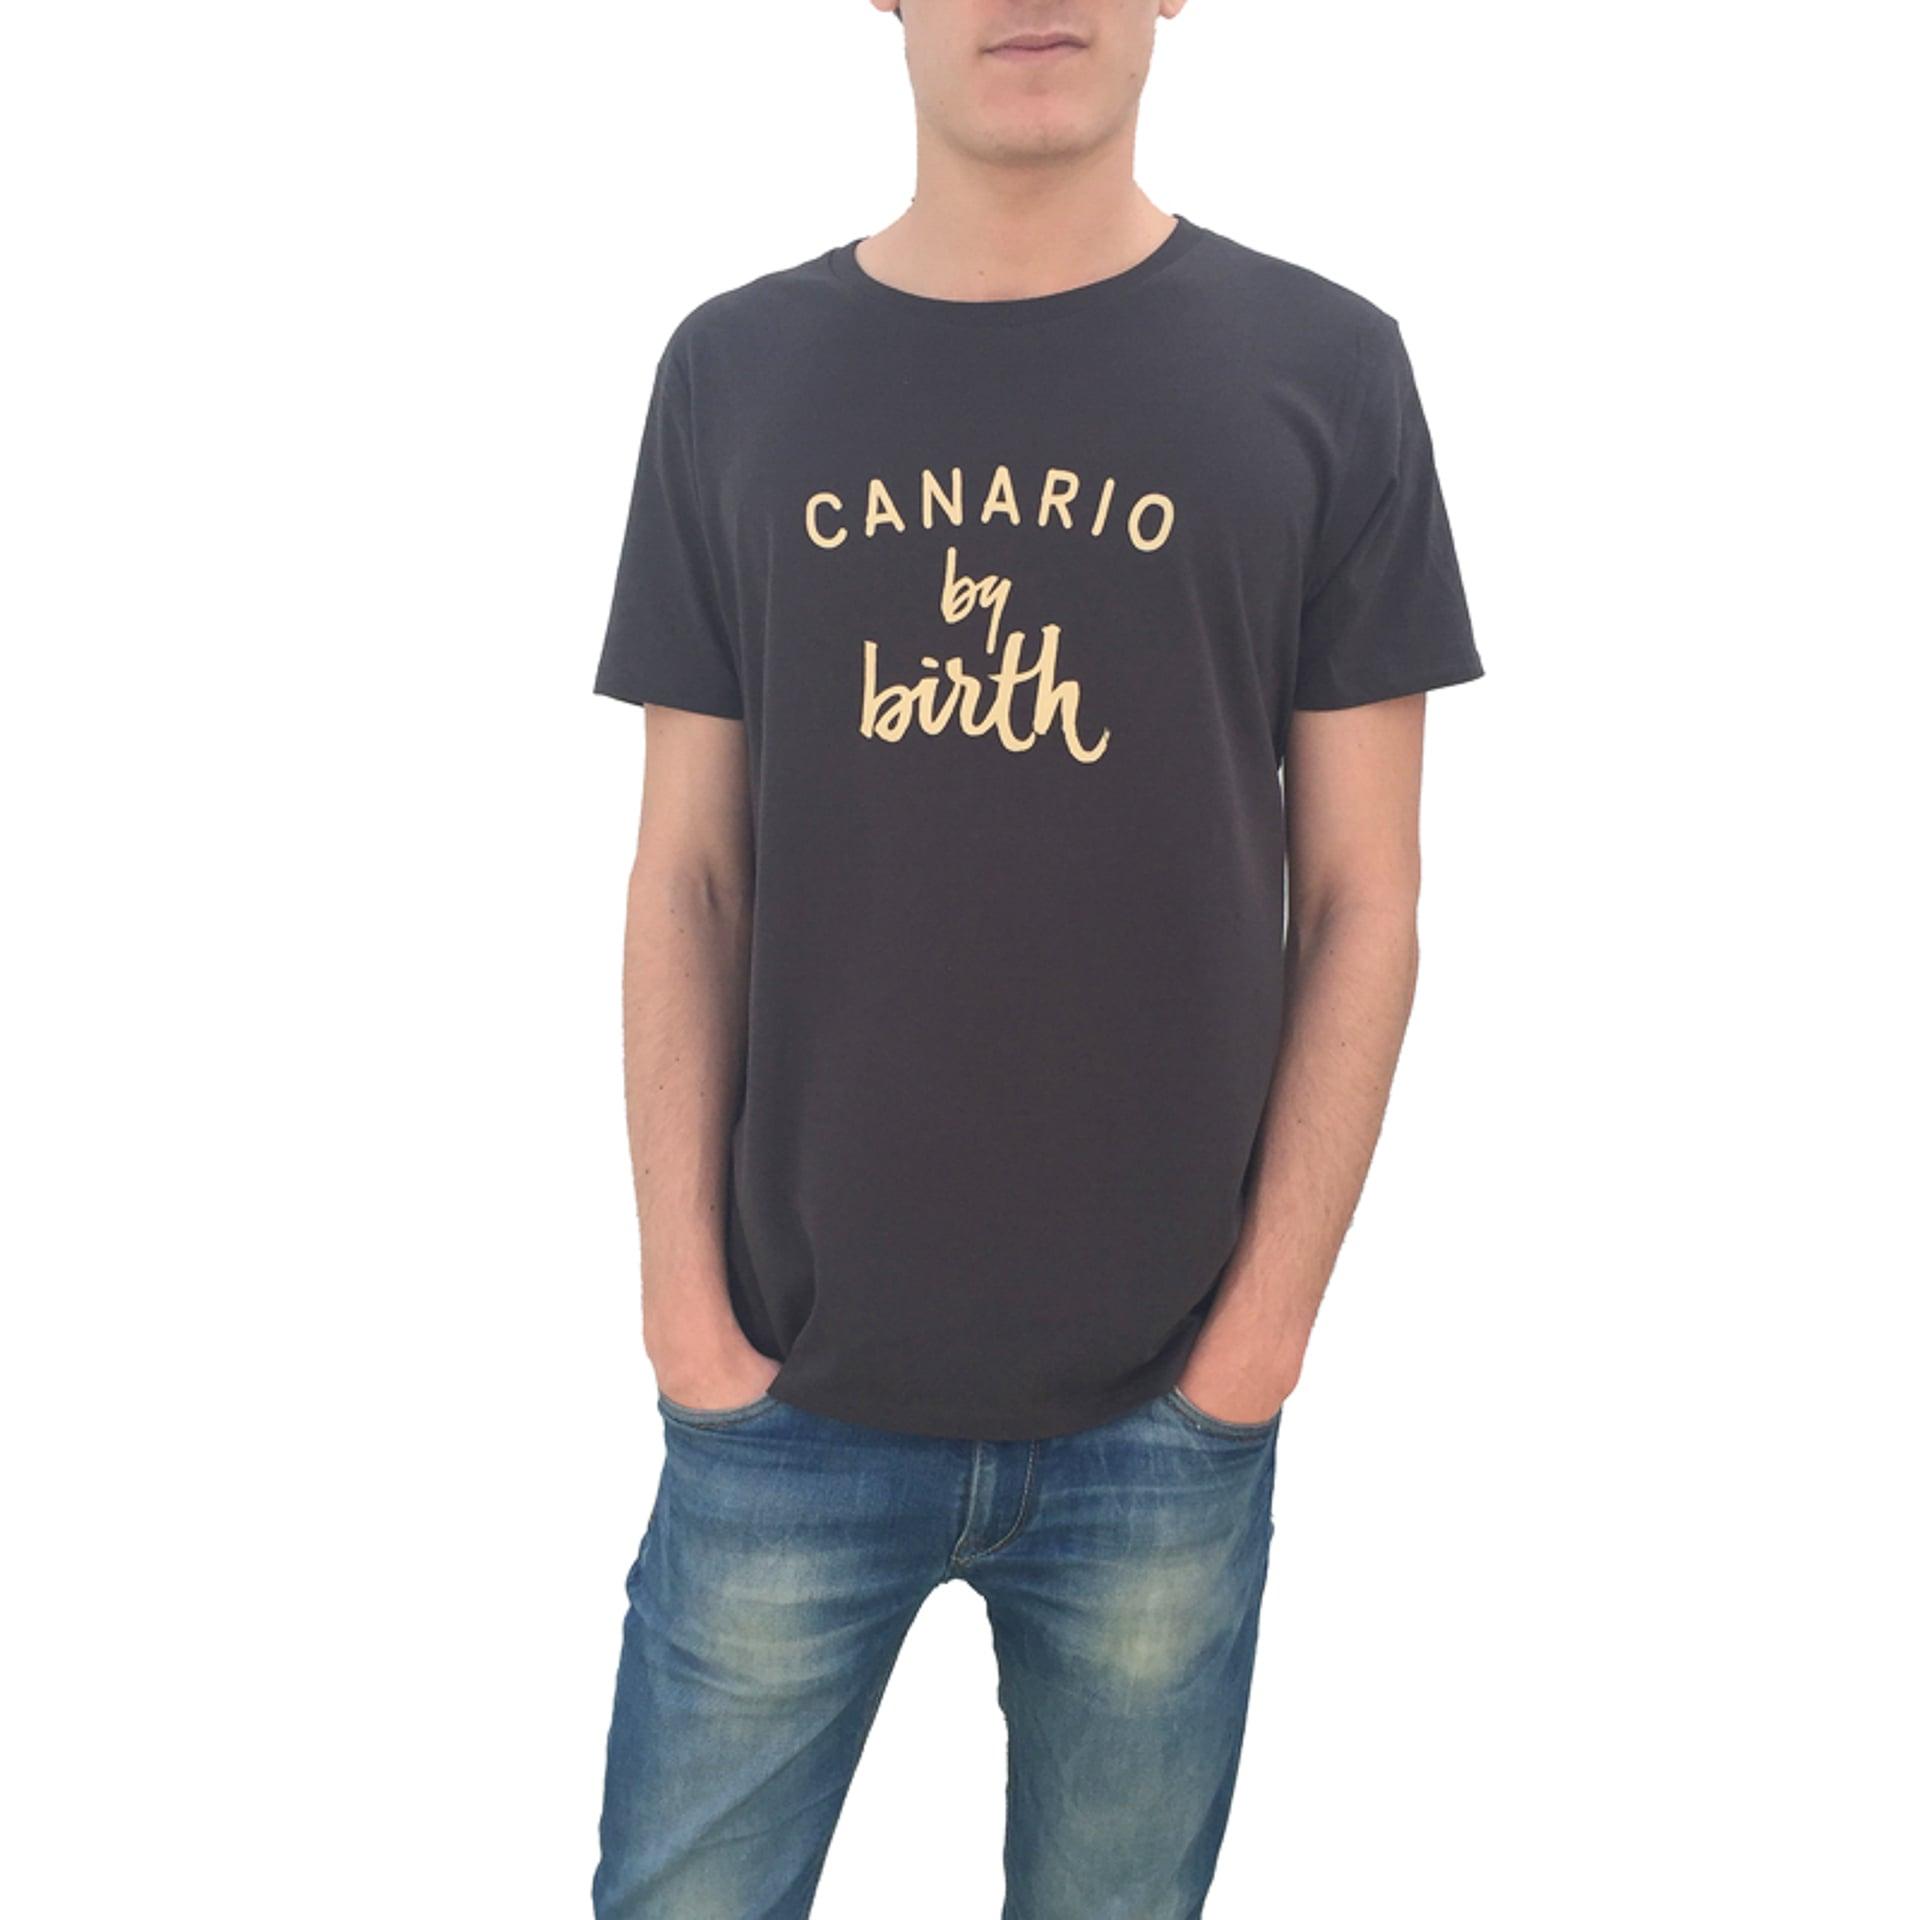 Canario_by_birth-man-black-model-tshirt